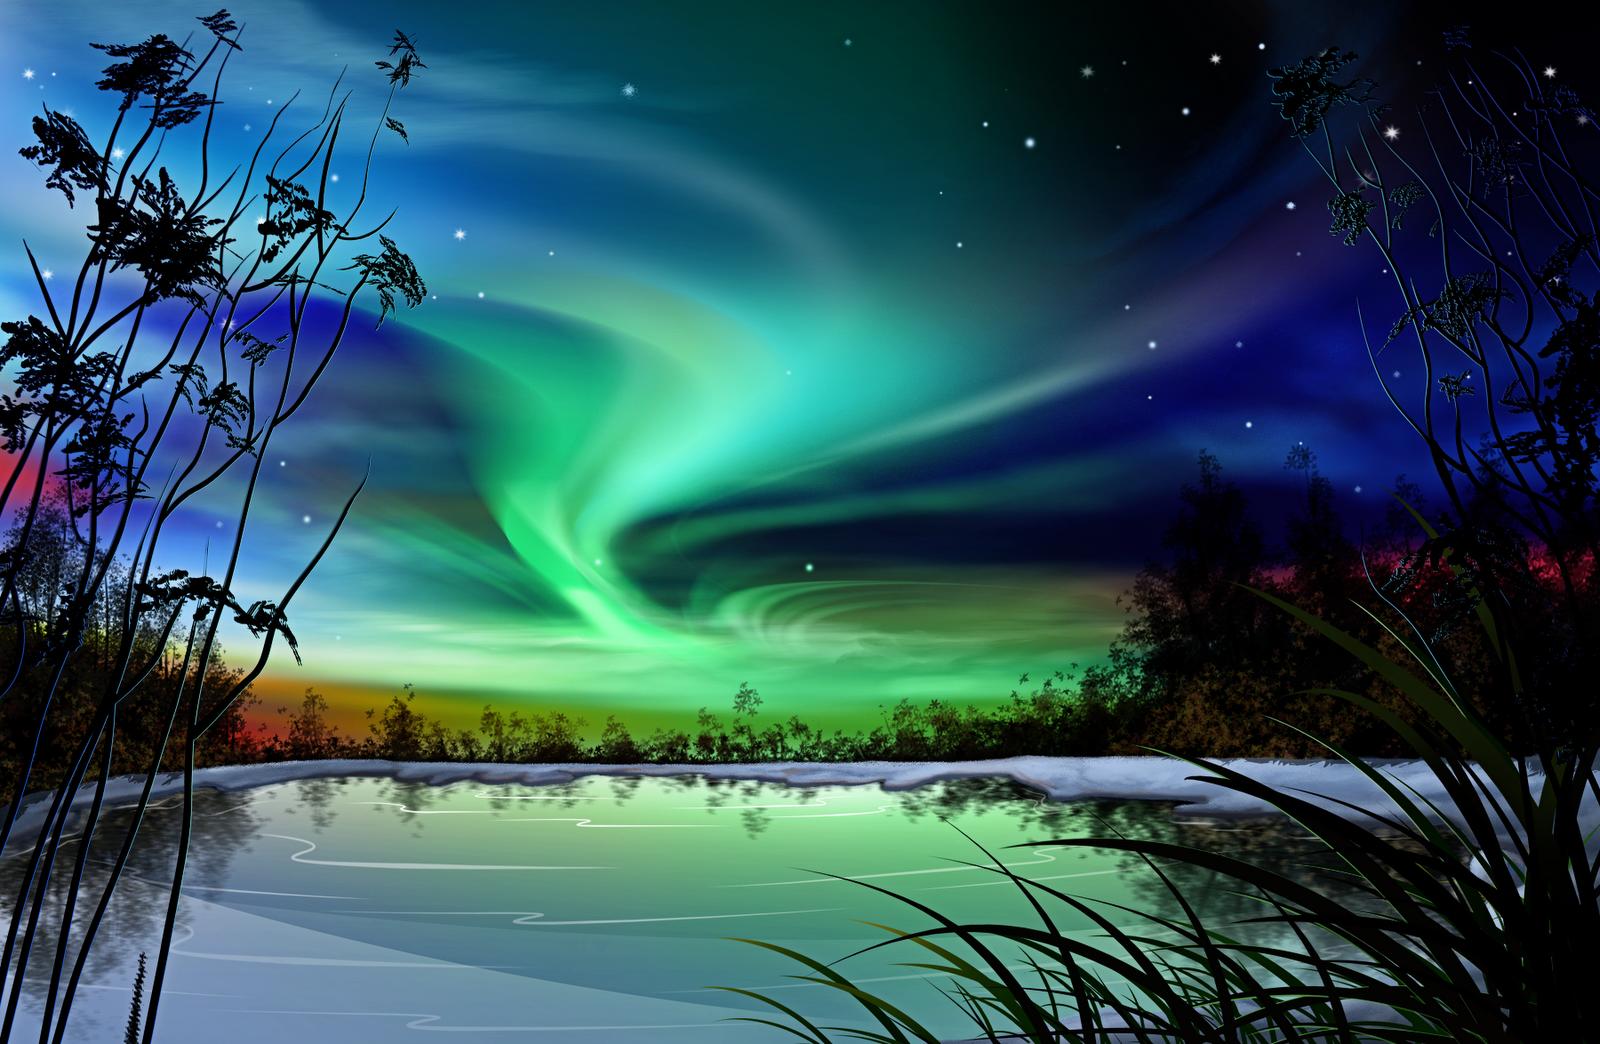 Northern Lights Wallpaper, wallpaper, Northern Lights Wallpaper hd ...